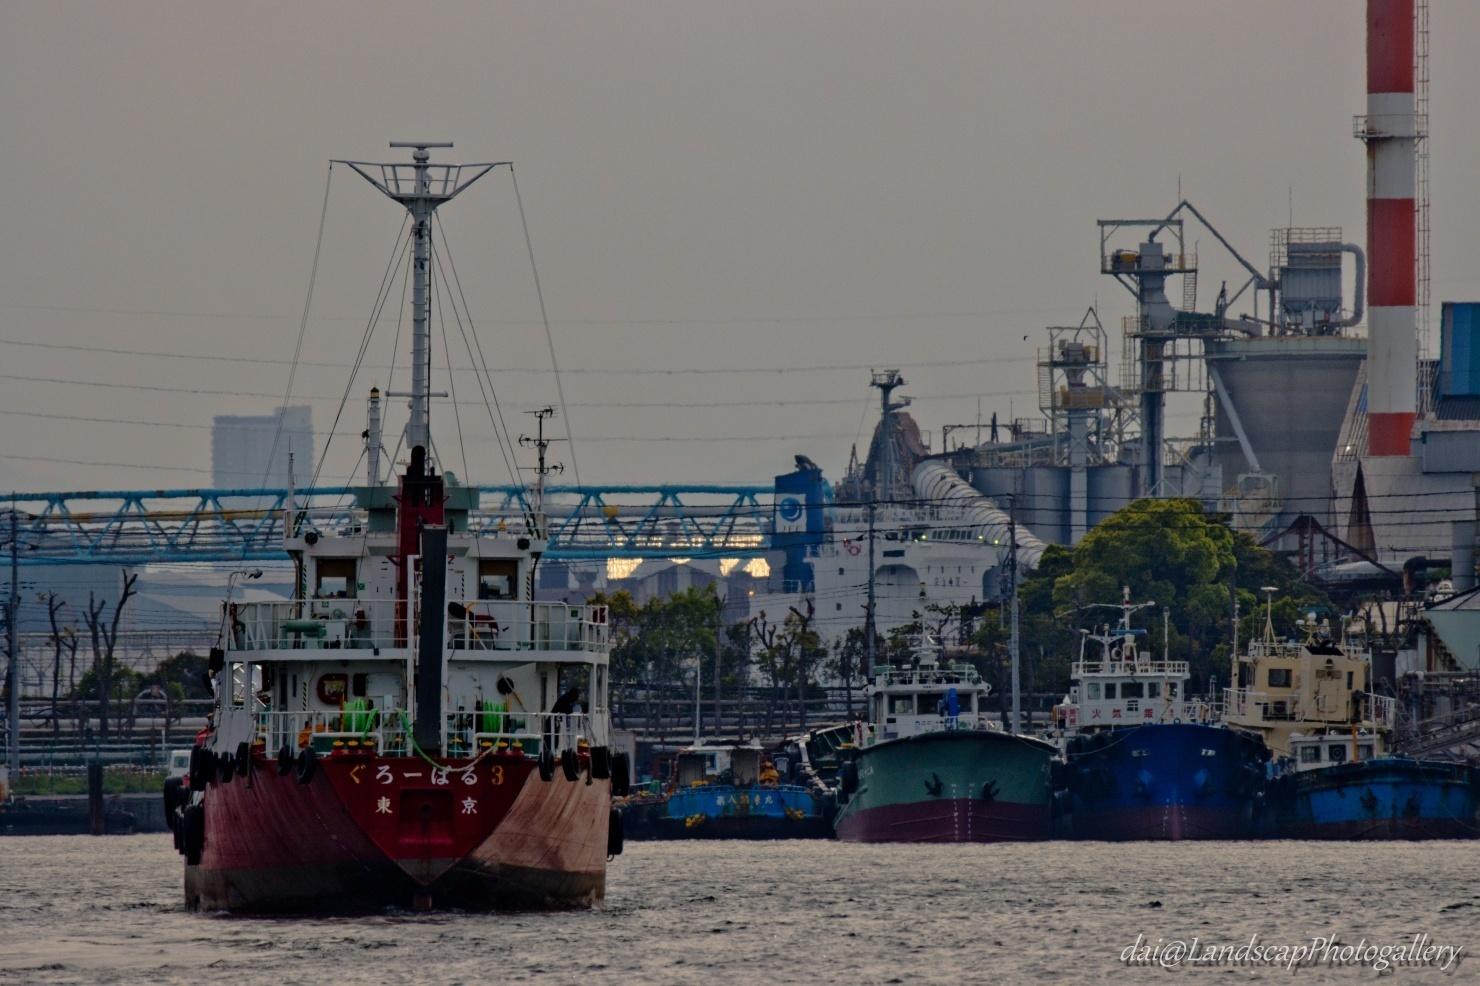 川崎港 貨物船風景